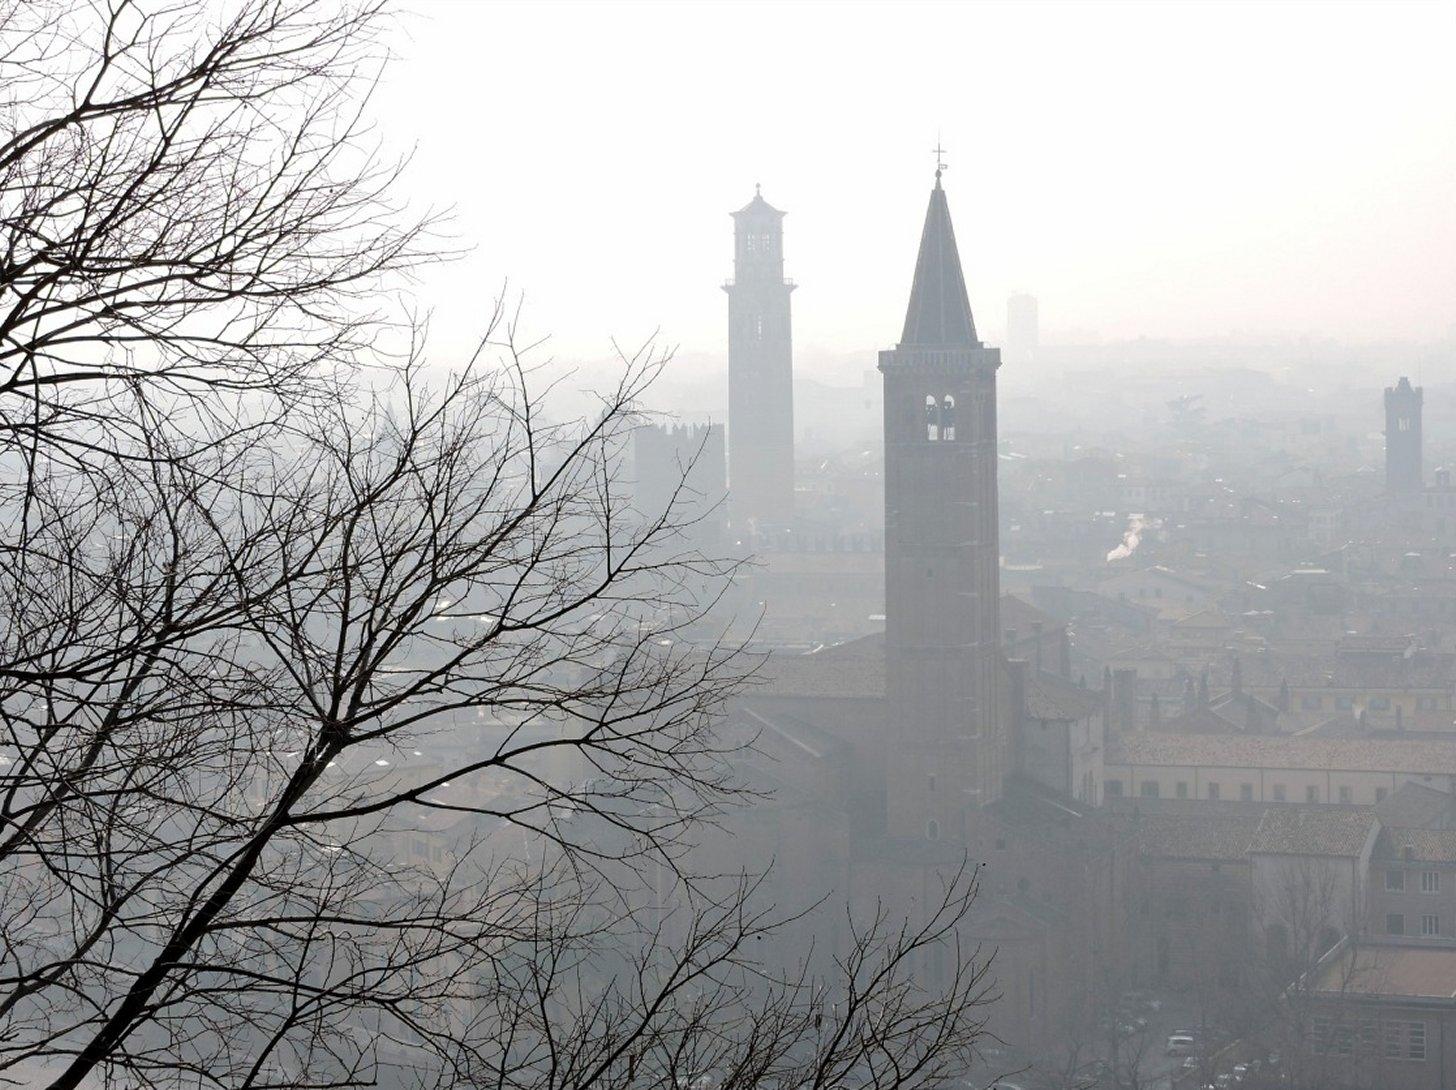 Winter in Verona